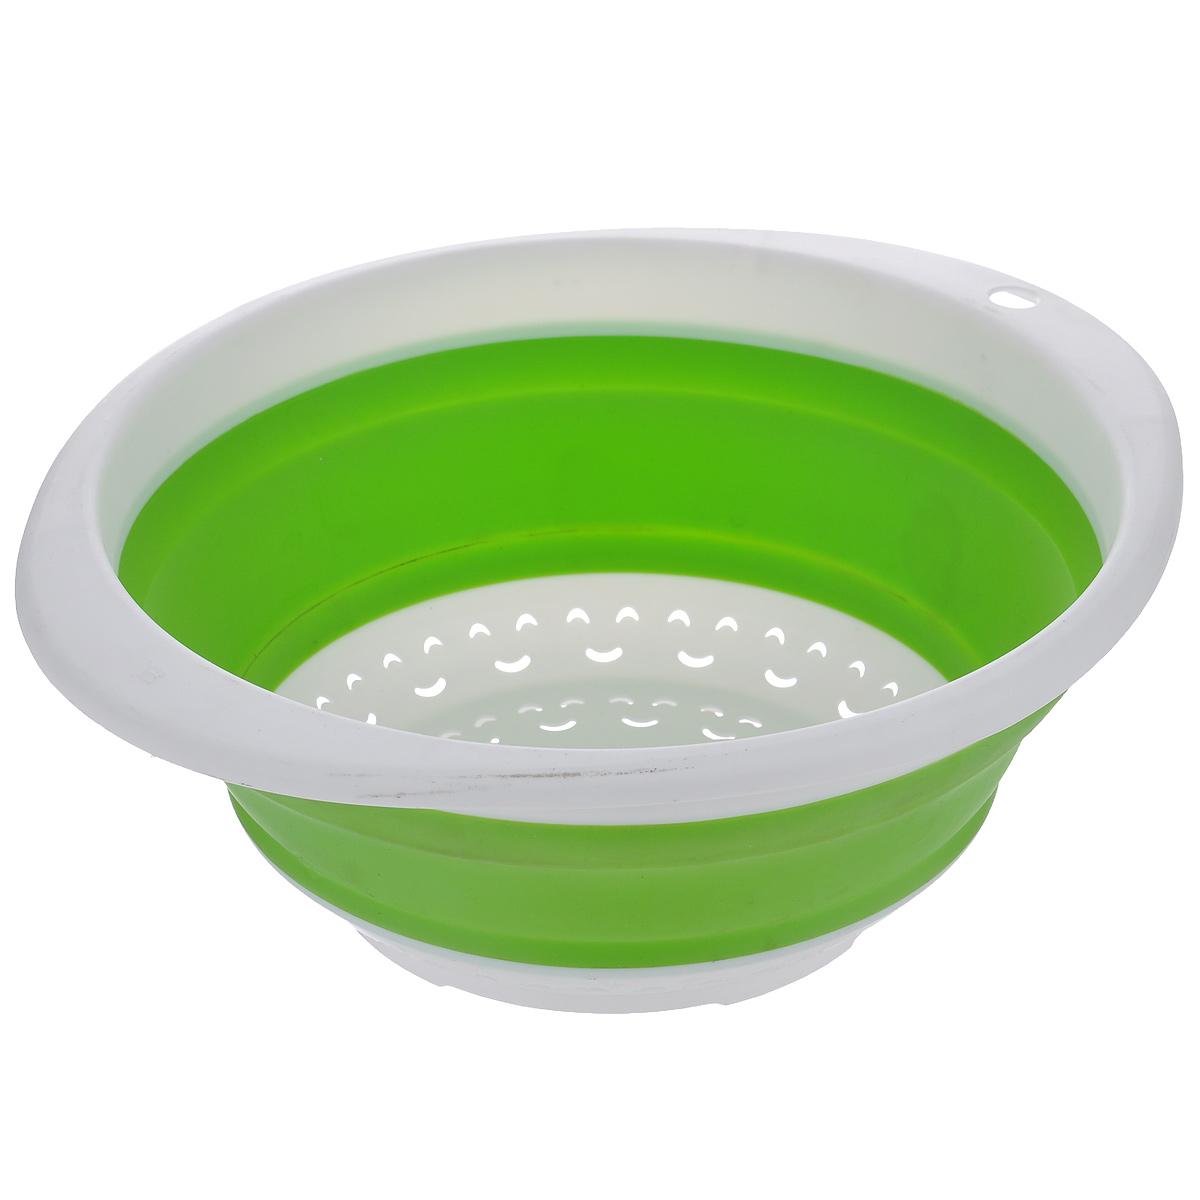 Дуршлаг складной Oriental Way, цвет: белый, салатовый, 30 см х 27 см8865Складной дуршлаг Oriental Way станет полезным приобретением для вашей кухни. Он изготовлен из высококачественного пищевого силикона и пластика. Дуршлаг оснащен двумя удобными ручками. Одна ручка снабжена специальным отверстием для подвешивания. Изделие прекрасно подходит для процеживания, ополаскивания и стекания макарон, овощей, фруктов. Дуршлаг компактно складывается, что делает его удобным для хранения. Можно мыть в посудомоечной машине. Размер (по верхнему краю): 30 см х 27 см. Внутренний диаметр: 24 см. Максимальная высота: 10,5 см. Минимальная высота: 3,5 см.